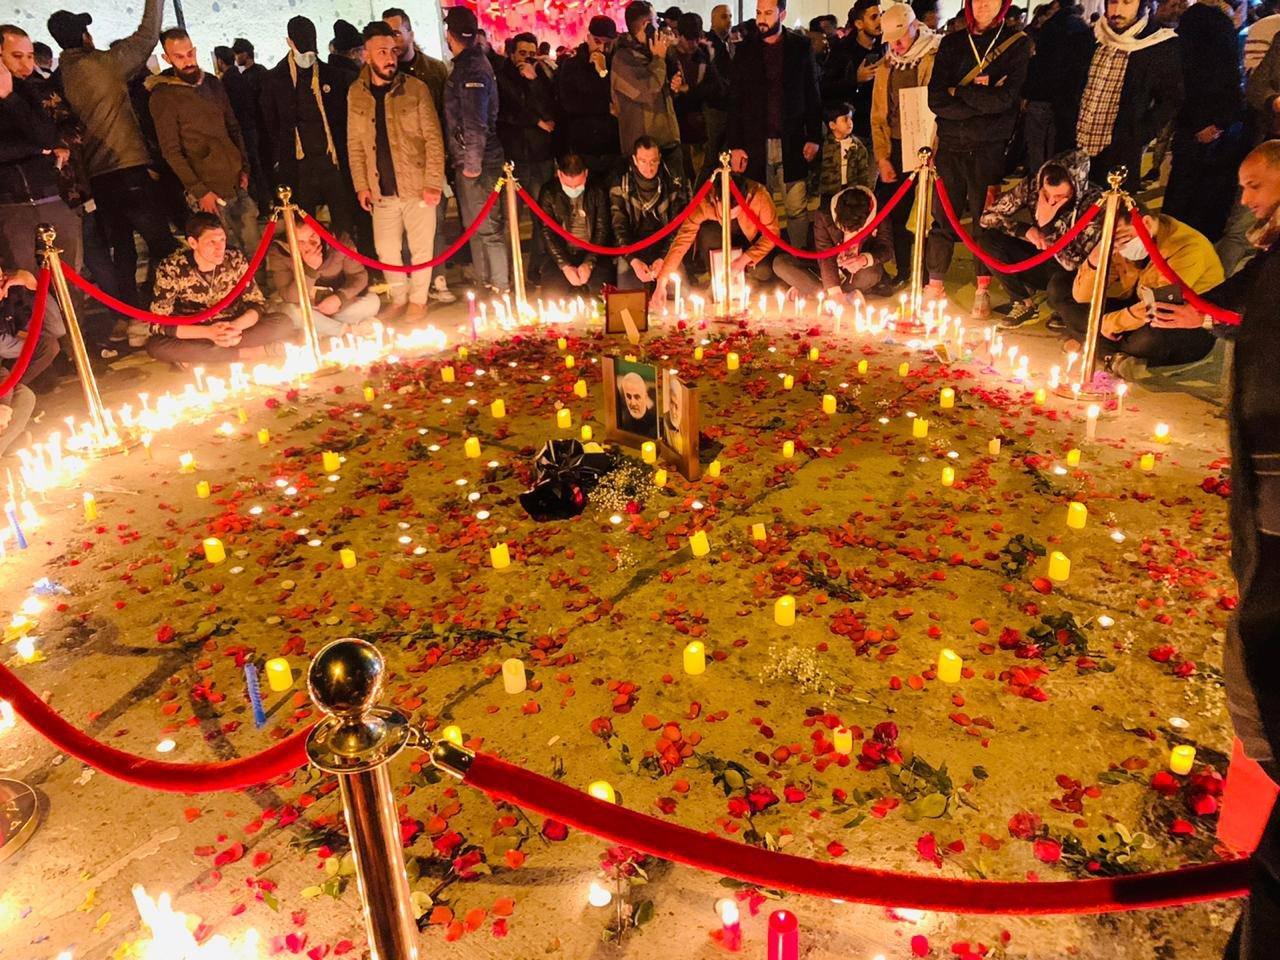 人们在画像周围点燃蜡烛并洒下花瓣(外交媒体)